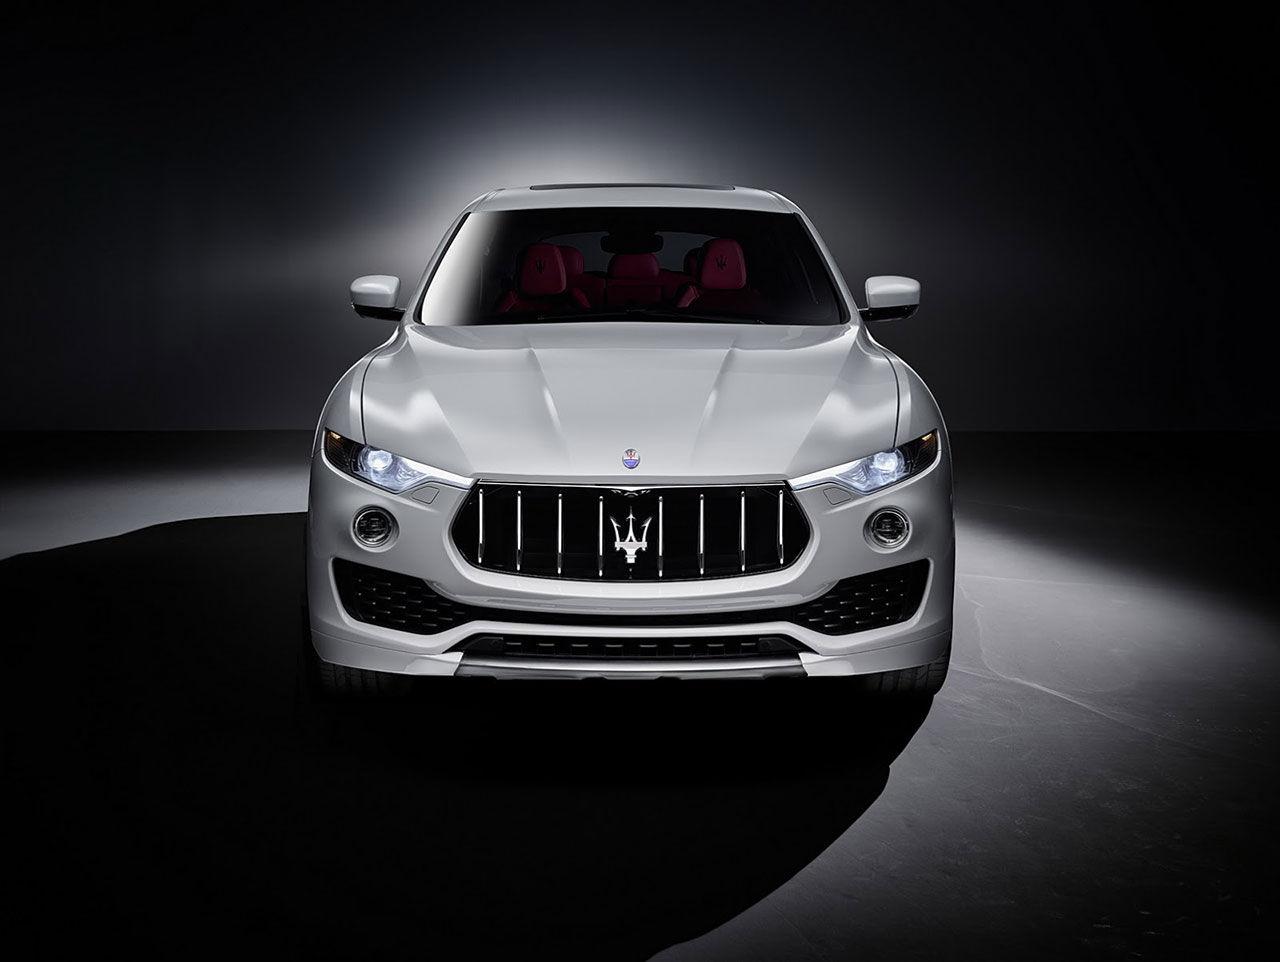 Så här ser Maseratis första suv ut